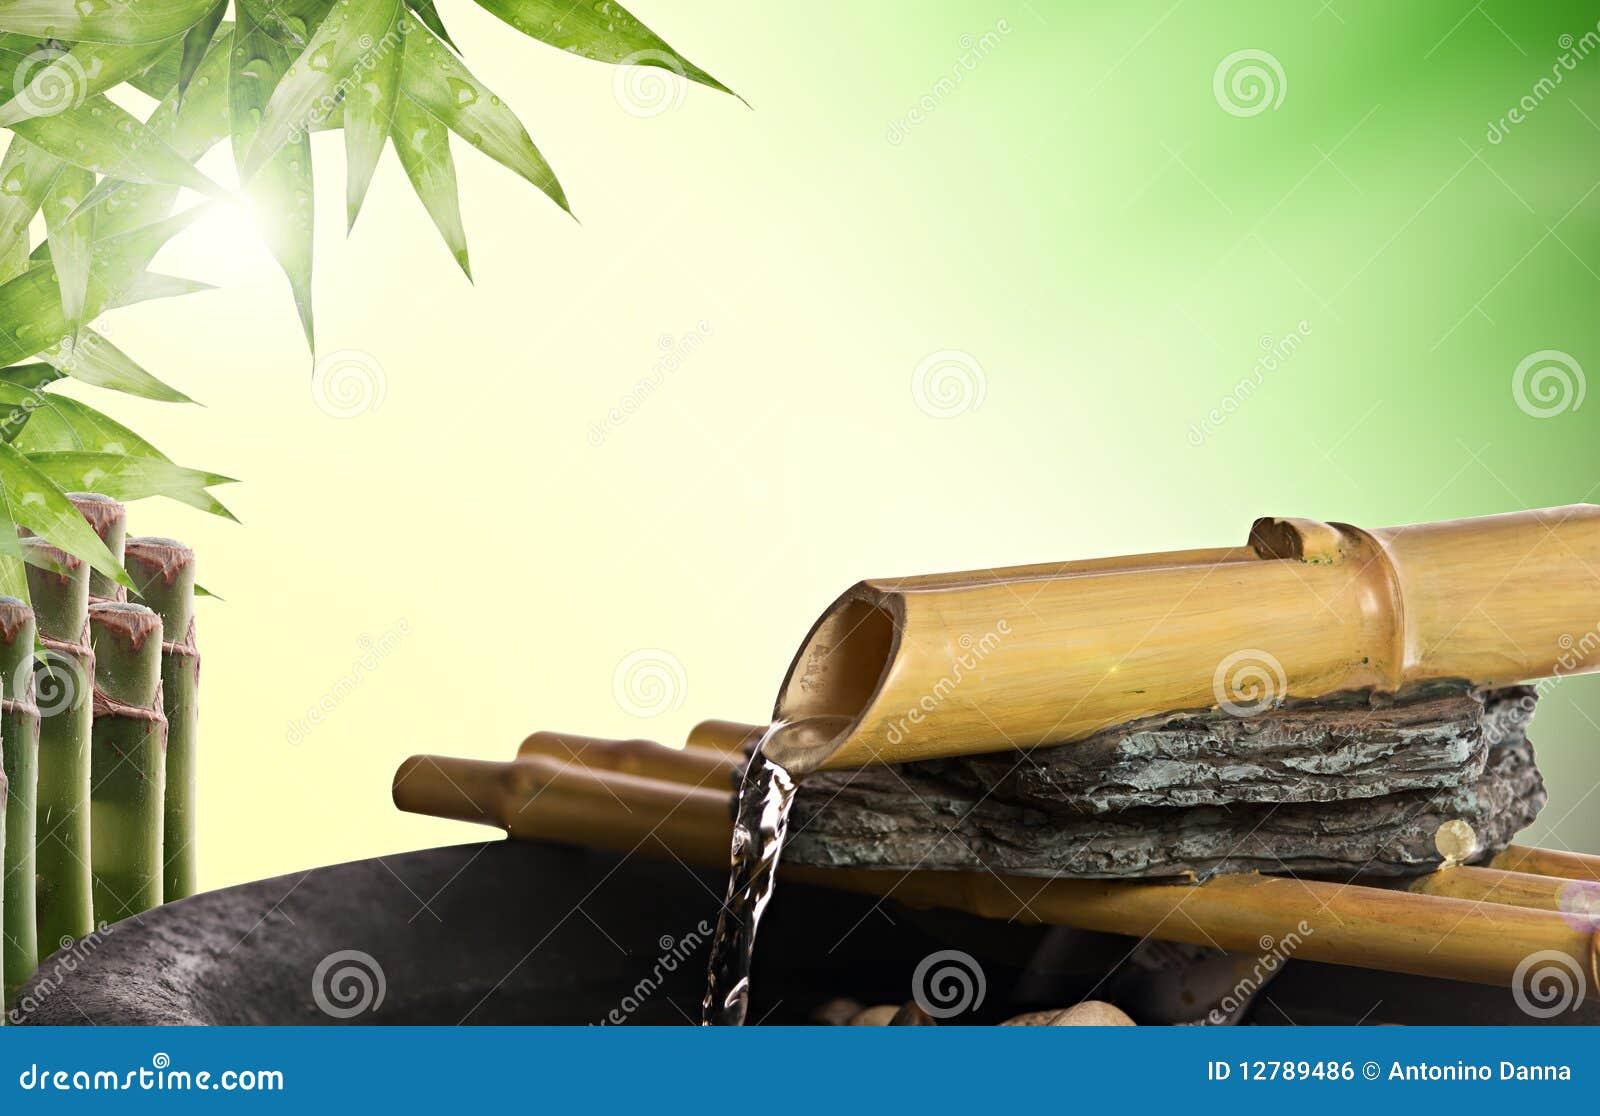 Fontaine de bambou de zen image libre de droits image for Fontaine zen exterieure bambou